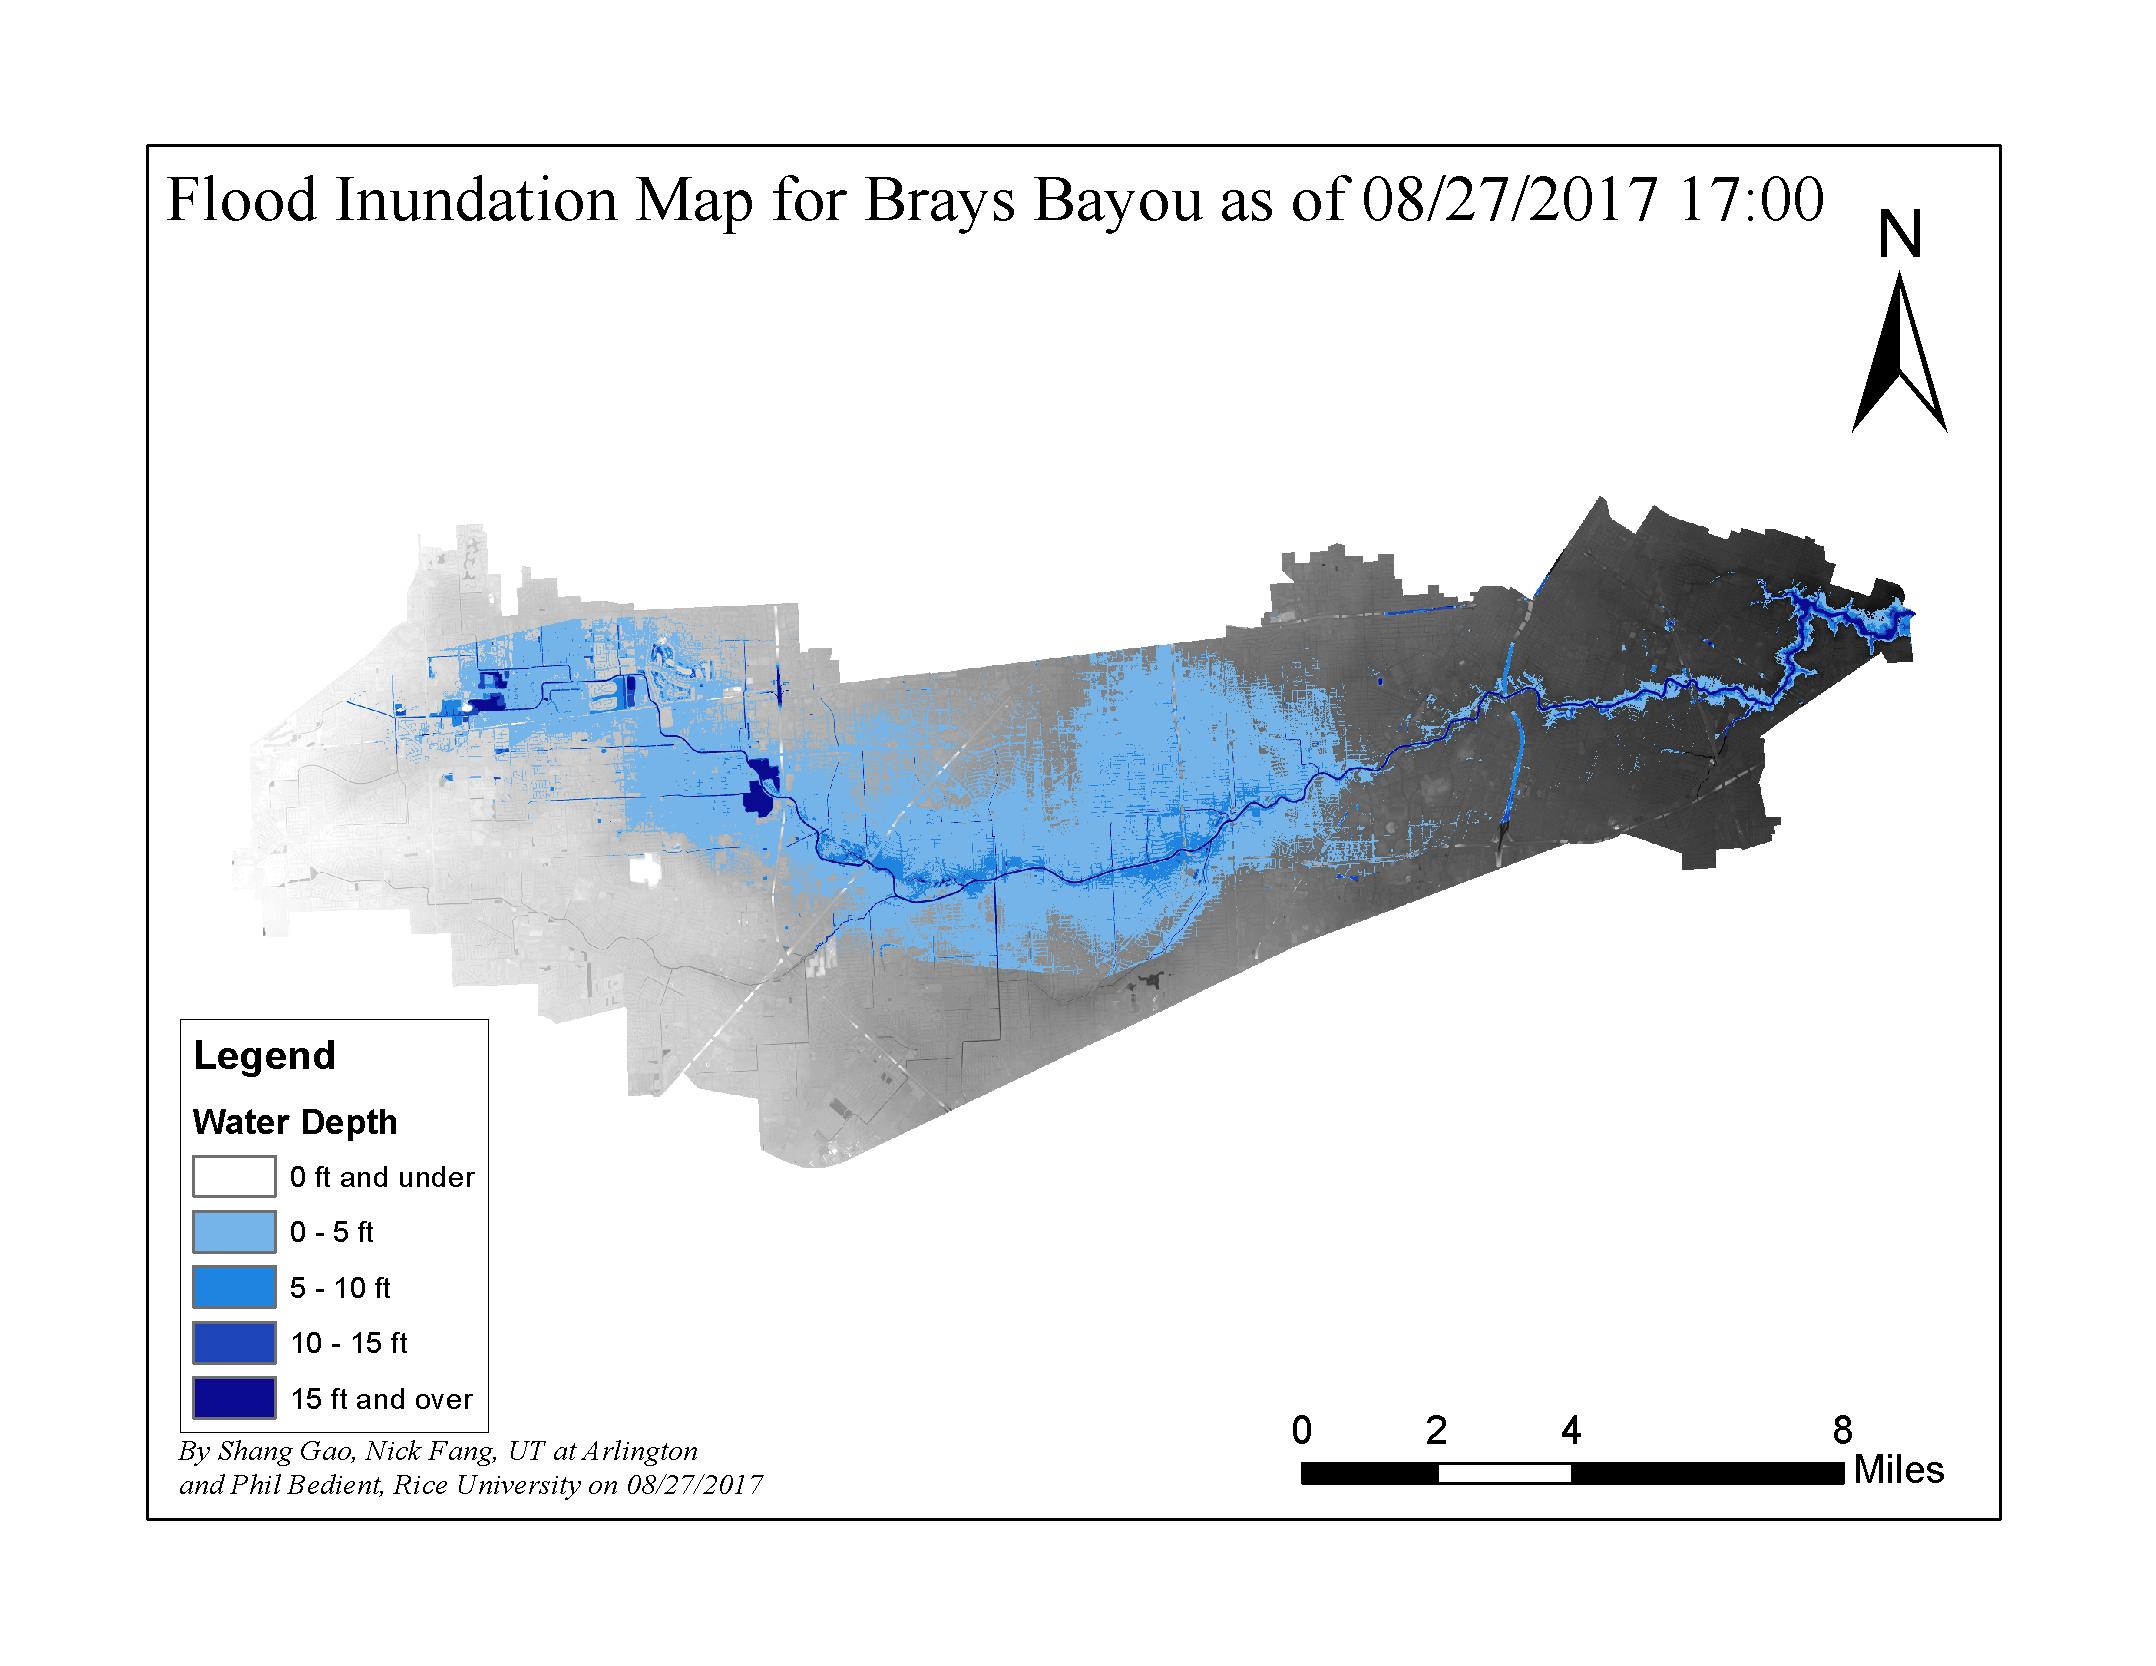 Houston's Brays Bayou